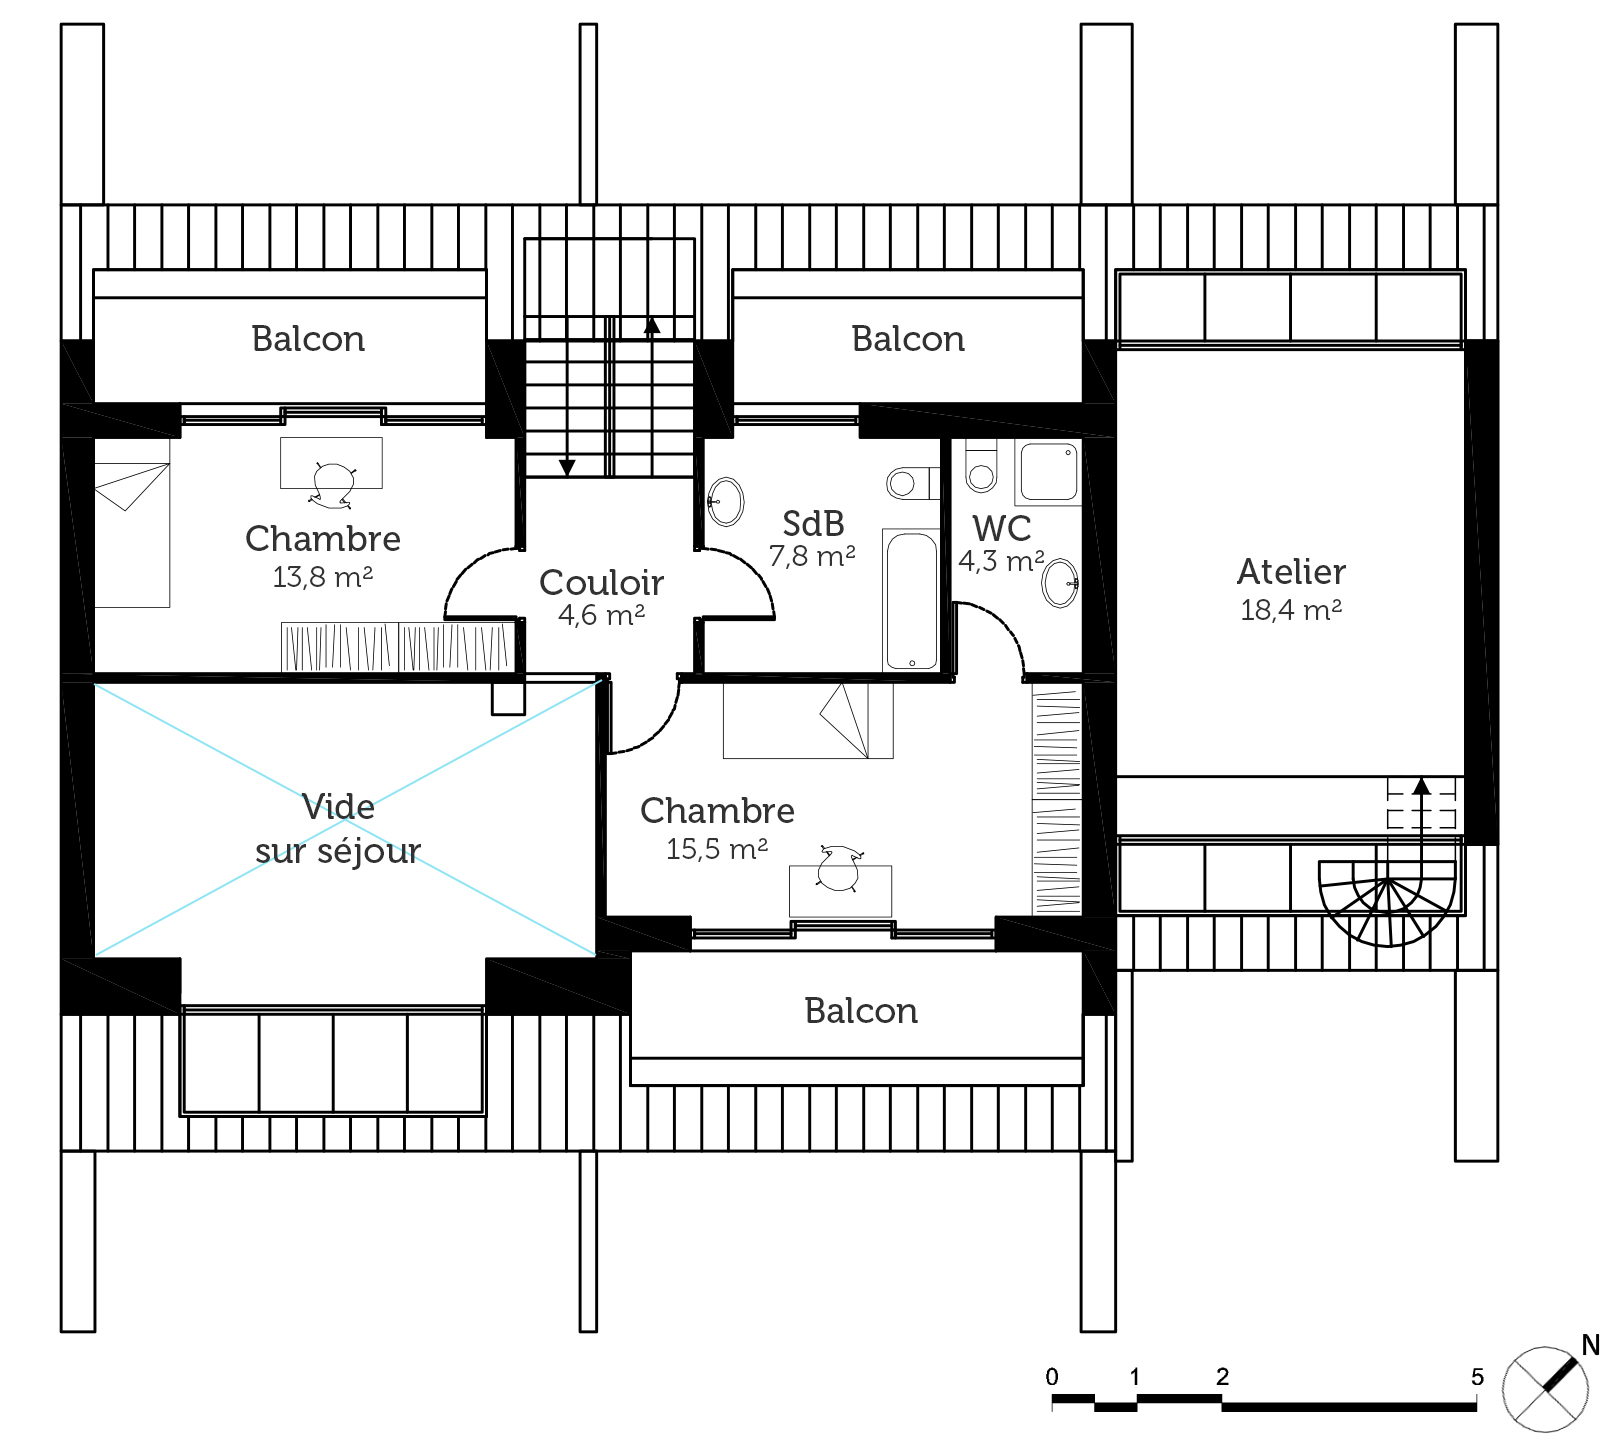 Plan maison moderne d'architecte - Ooreka